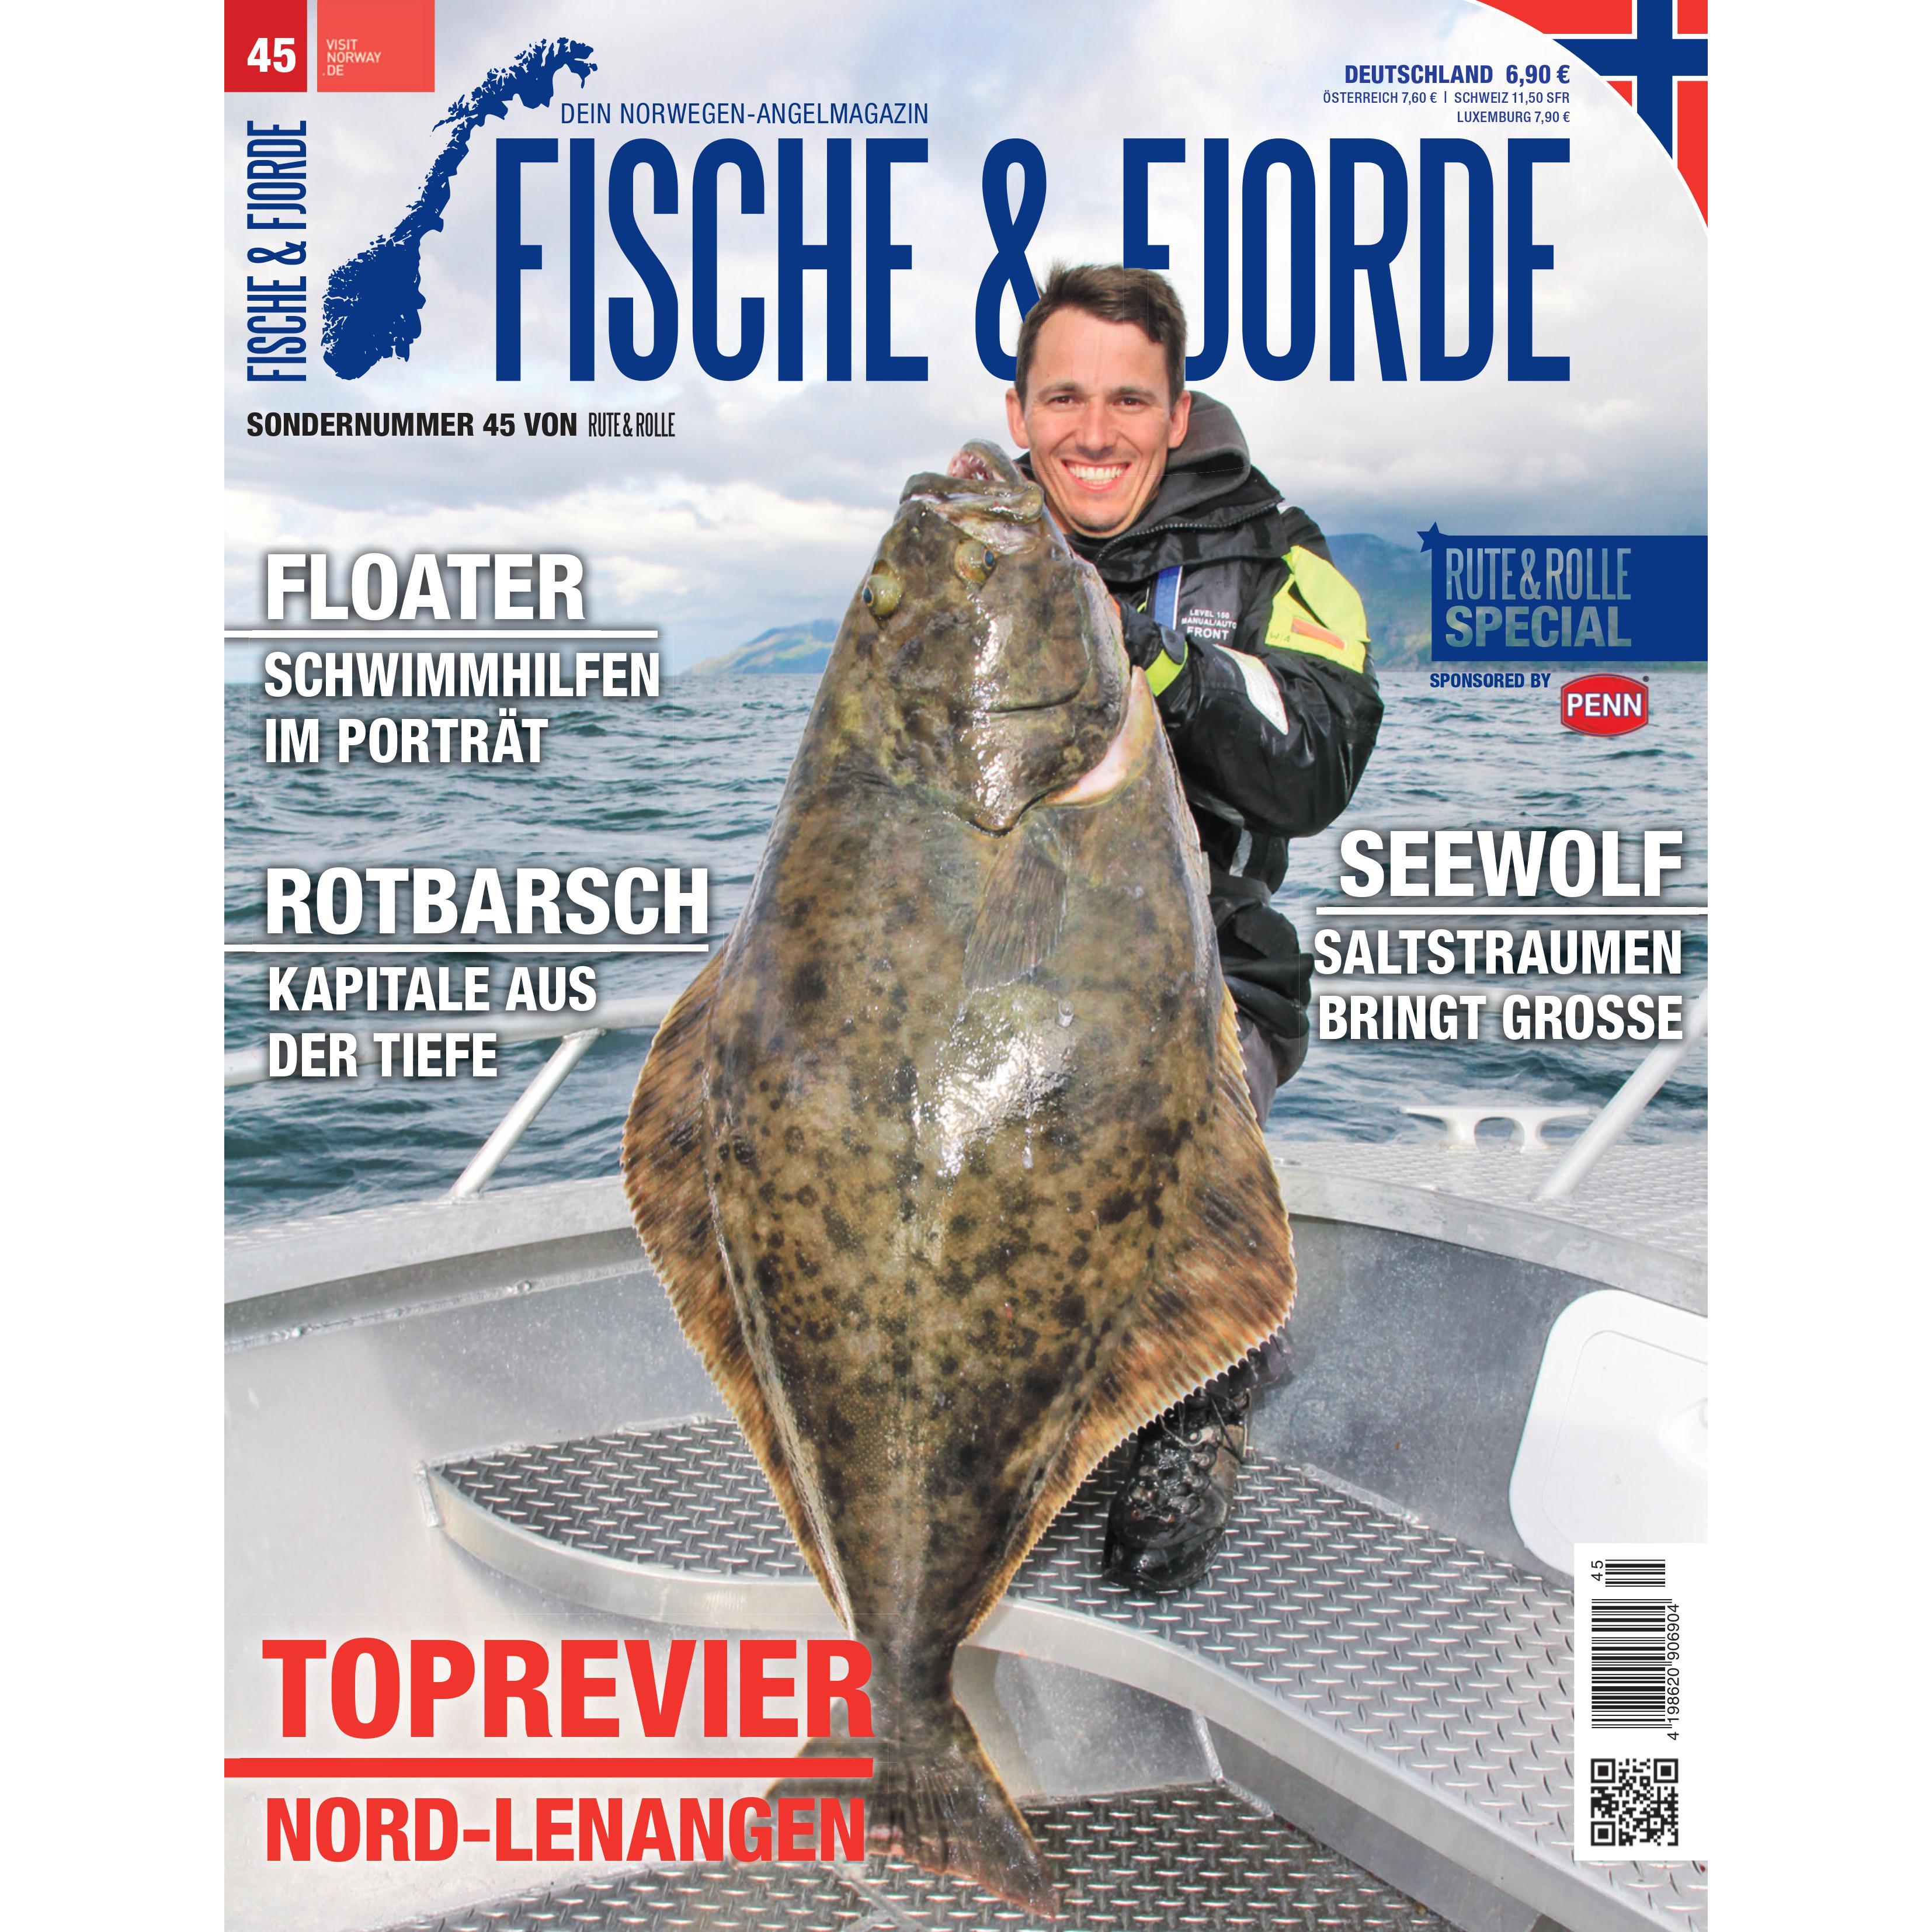 FISCHE&FJORDE 45